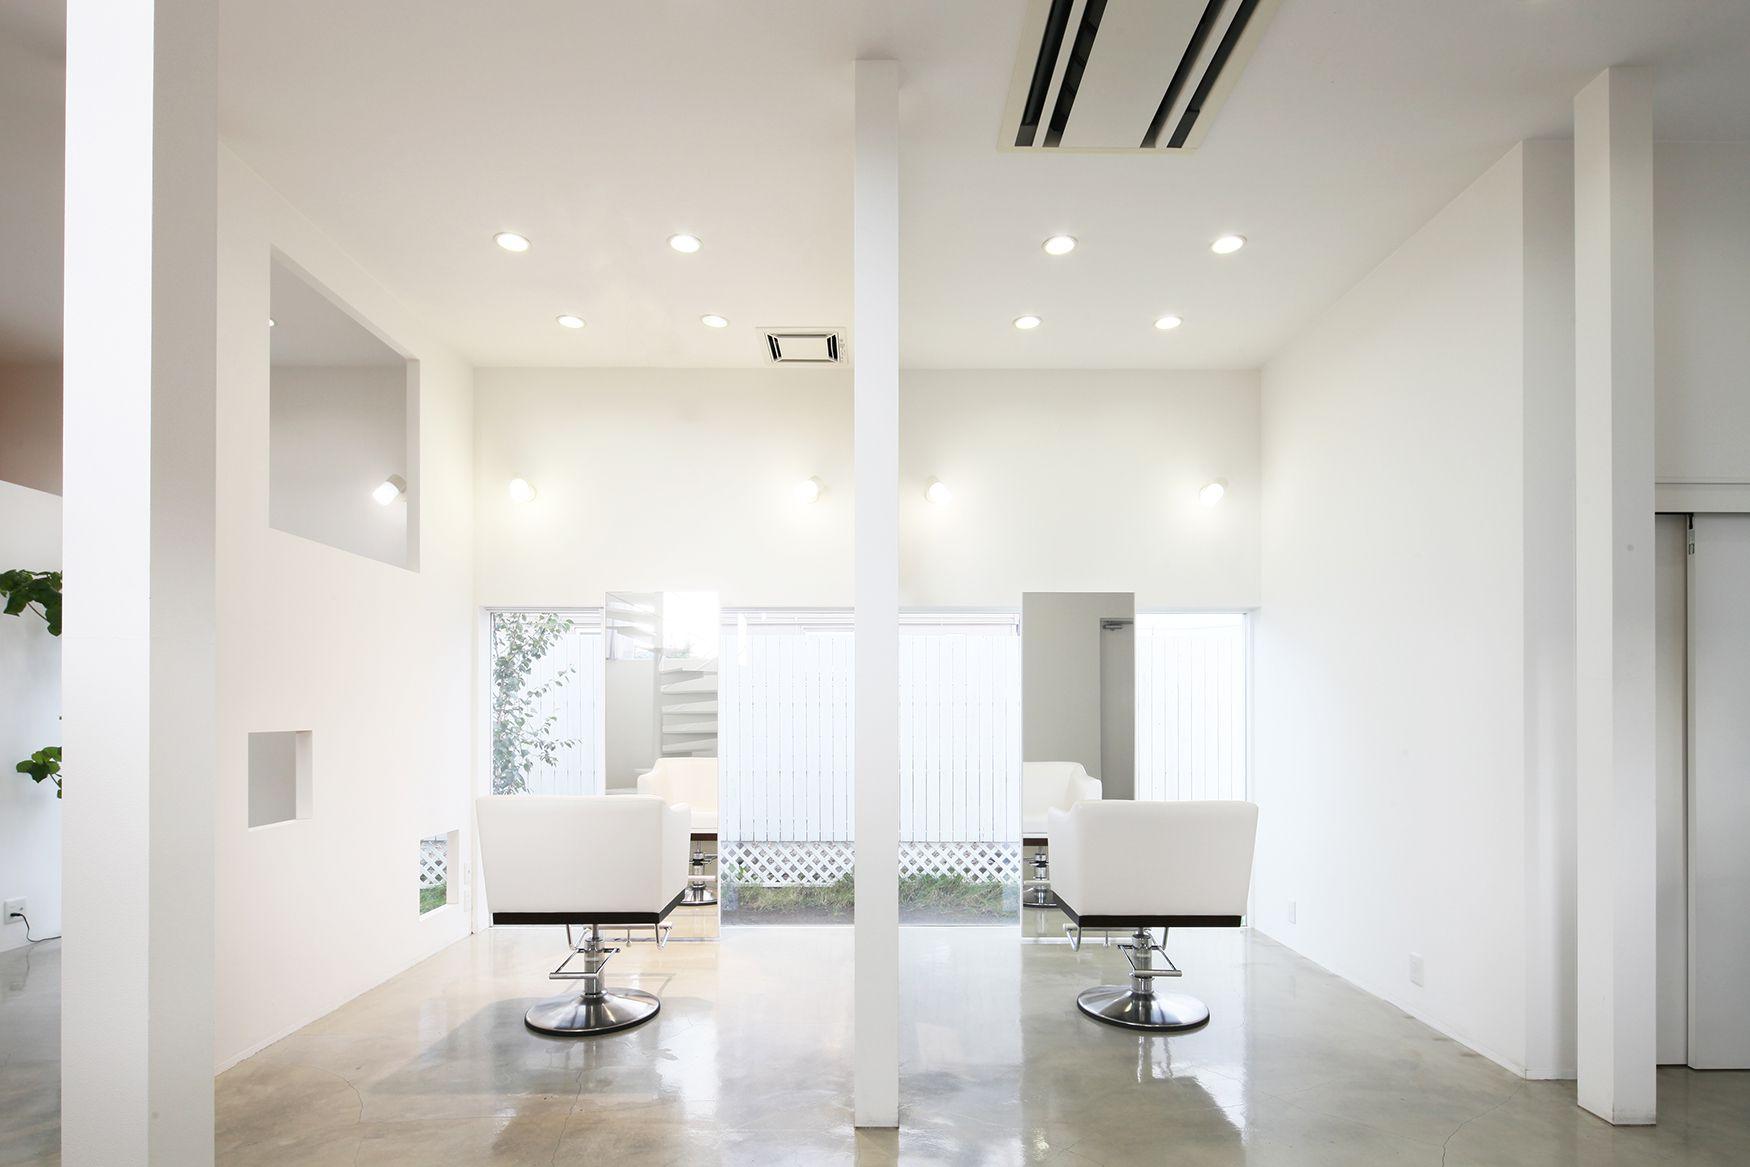 床面積22坪のコンパクトな戸建て美容室